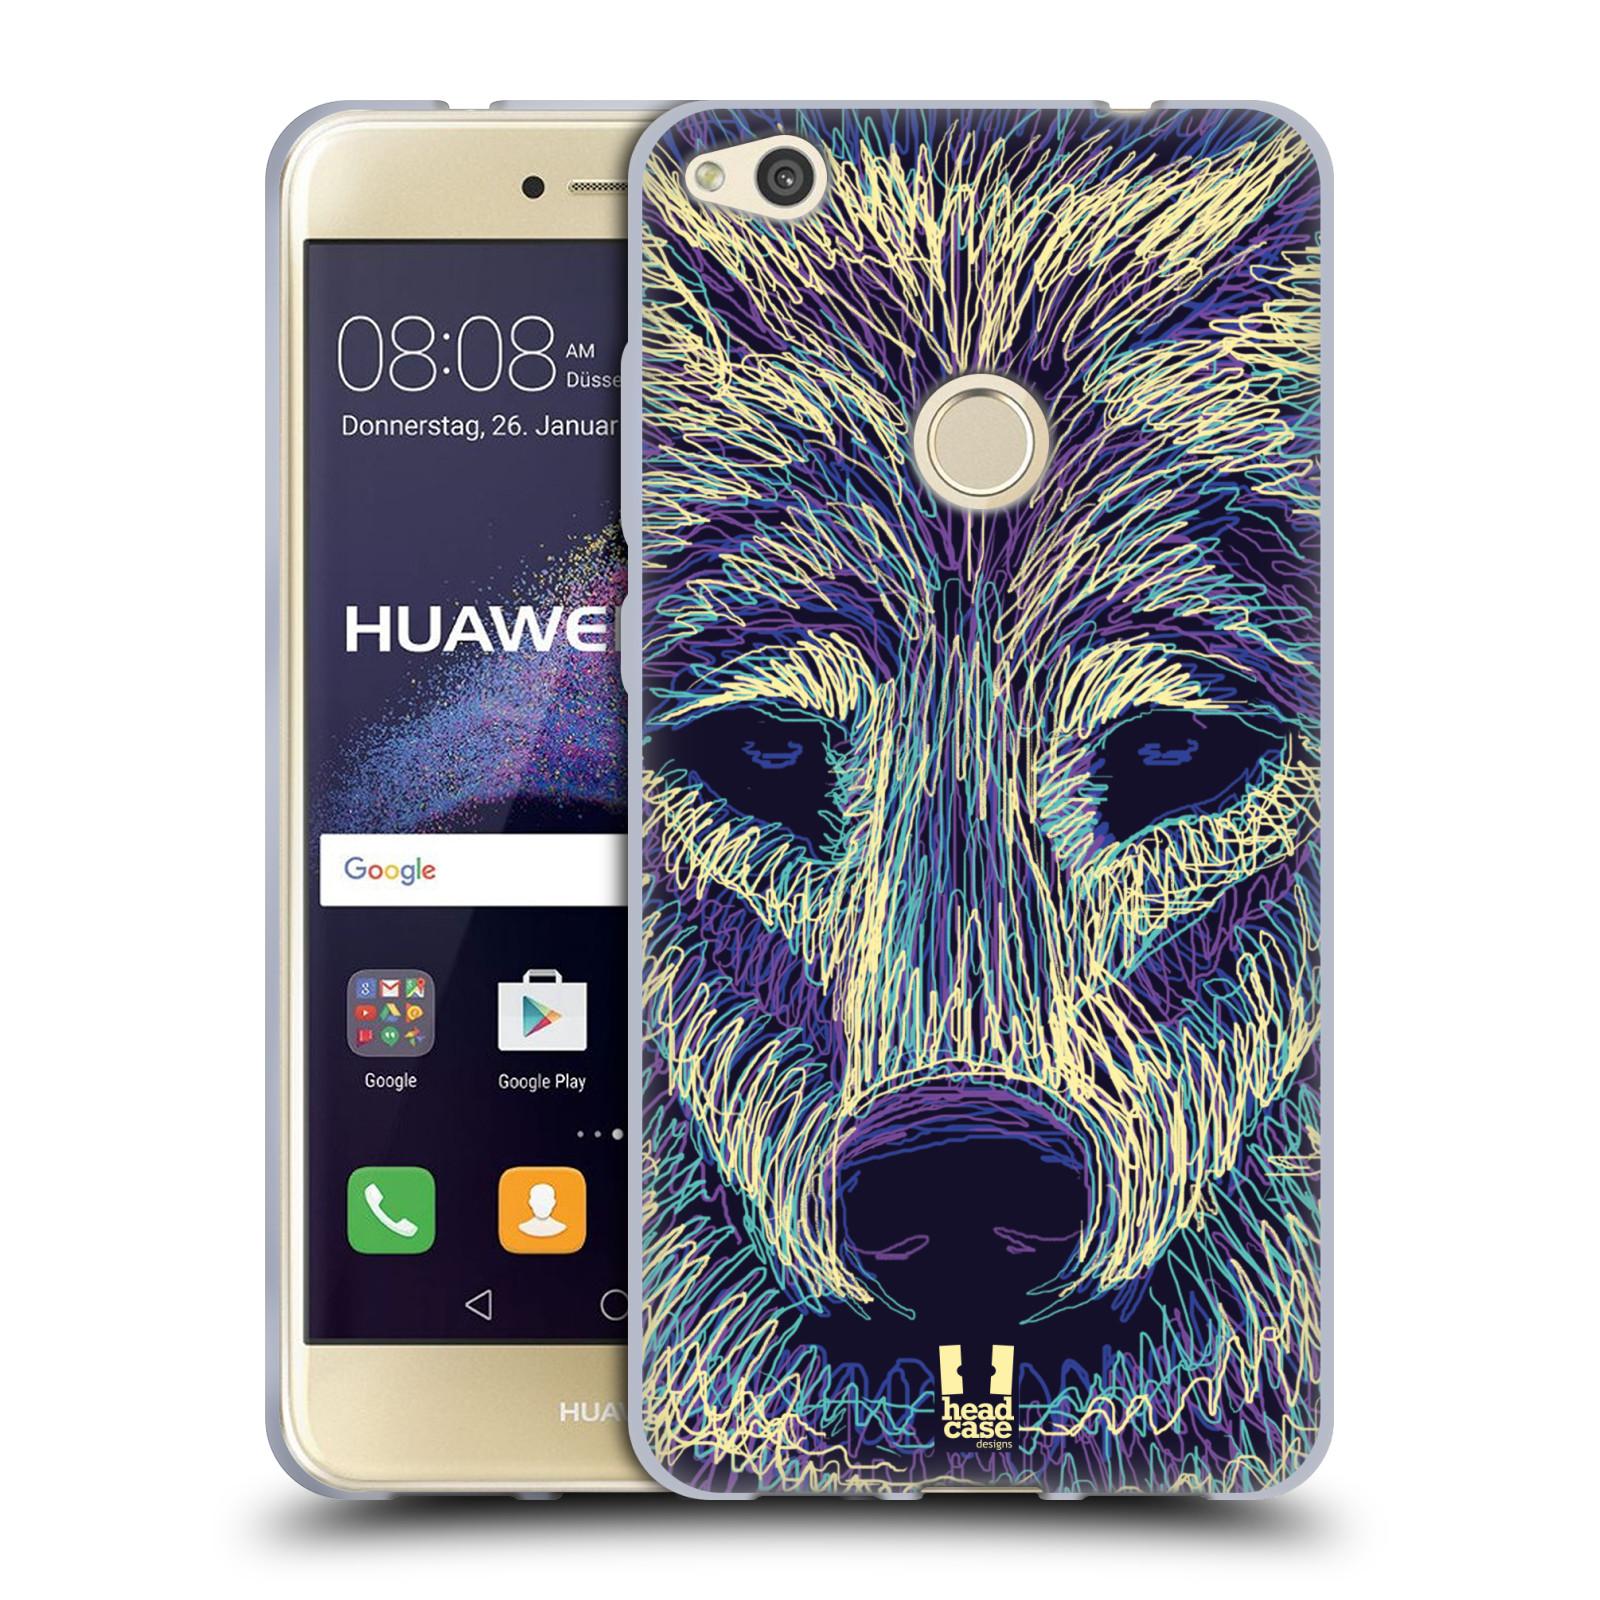 Silikonové pouzdro na mobil Honor 8 Lite - Head Case - SCRIBBLE VLK (Silikonový kryt či obal na mobilní telefon Honor 8 Lite s motivem SCRIBBLE VLK)